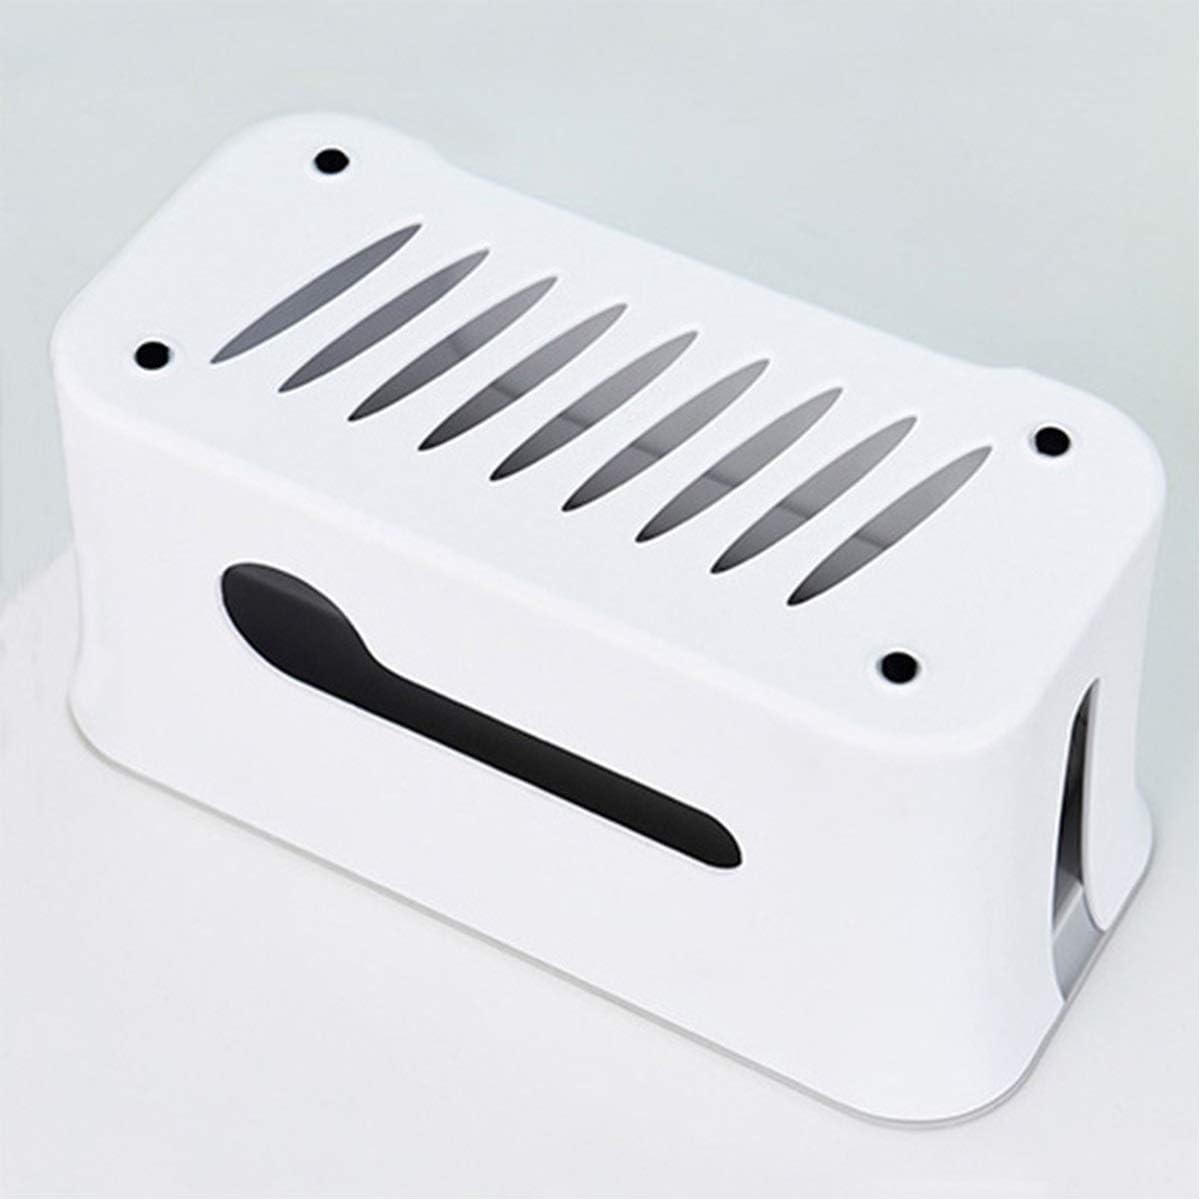 Tianhaik Scatola di Gestione dei Cavi Copertura della Striscia di Alimentazione con Supporto per Telefono Nascondi Organizer per Cavi per Desktop di casa Color : White